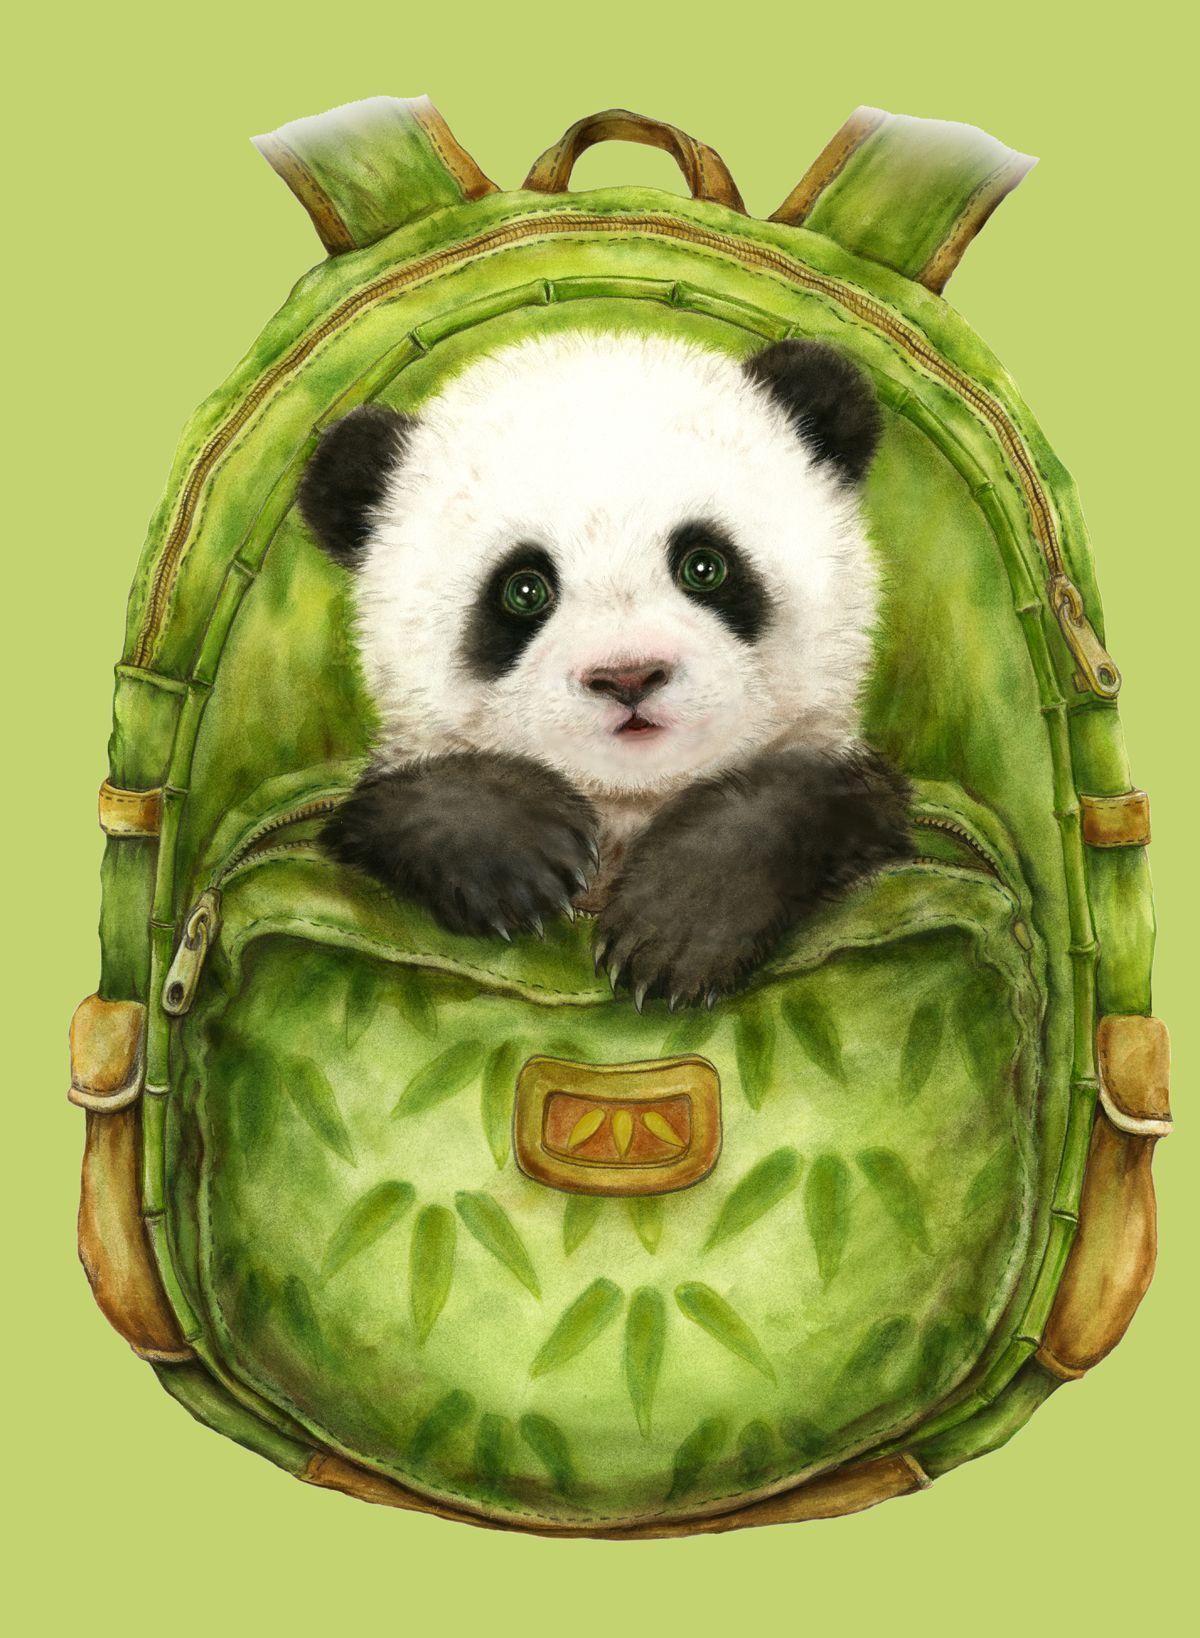 Желтые картинки, панда смешные картинки рисунки